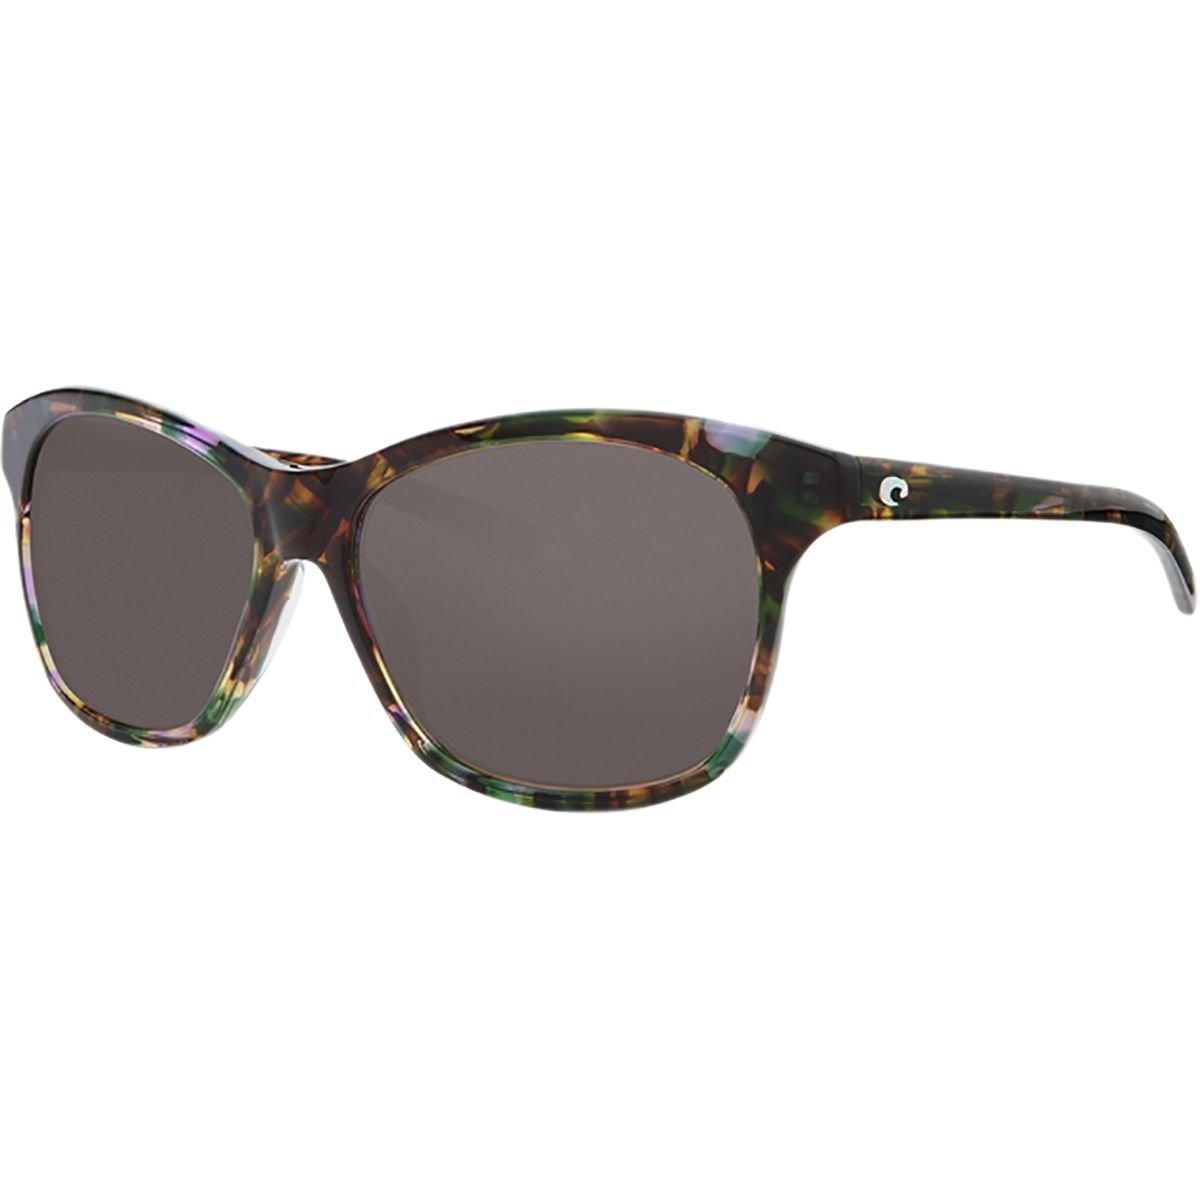 48aaf8dd157b7 Get Quotations · Costa Del Mar Women s Sarasota Sunglasses